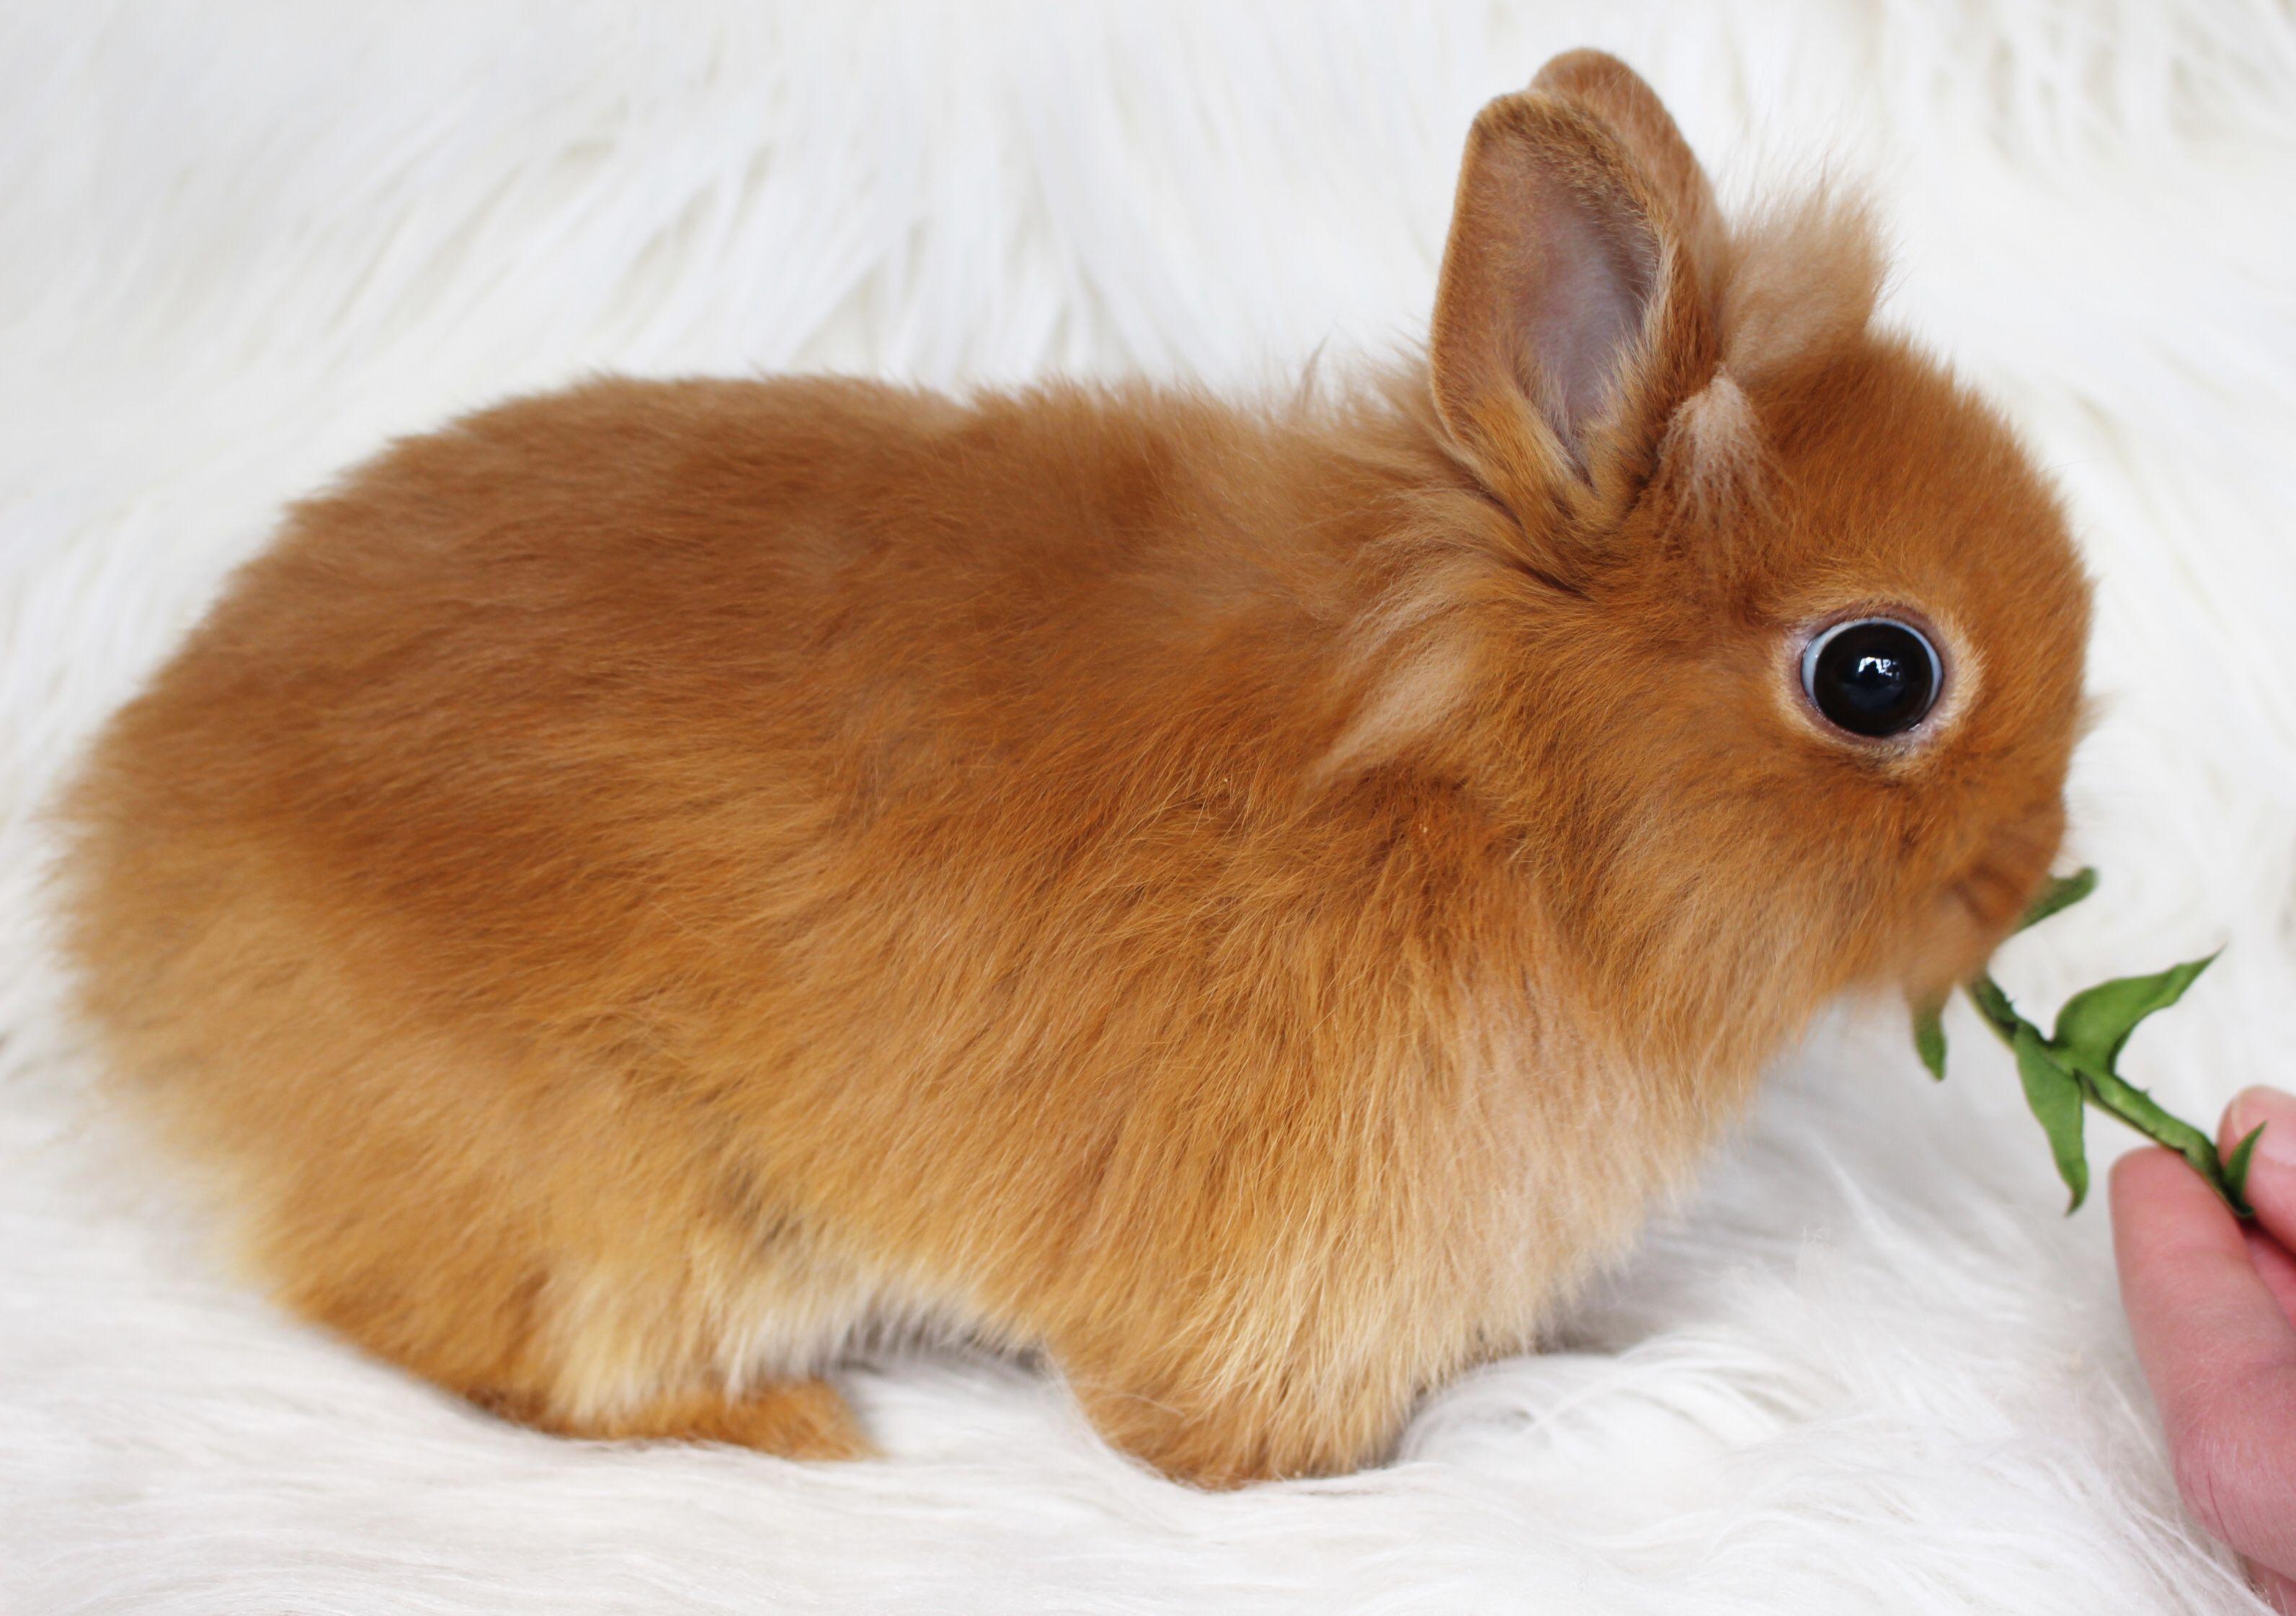 Zwergkaninchen Lowenkopfchen Kaninchen Lowenkopf Kaninchen Zwergkaninchen